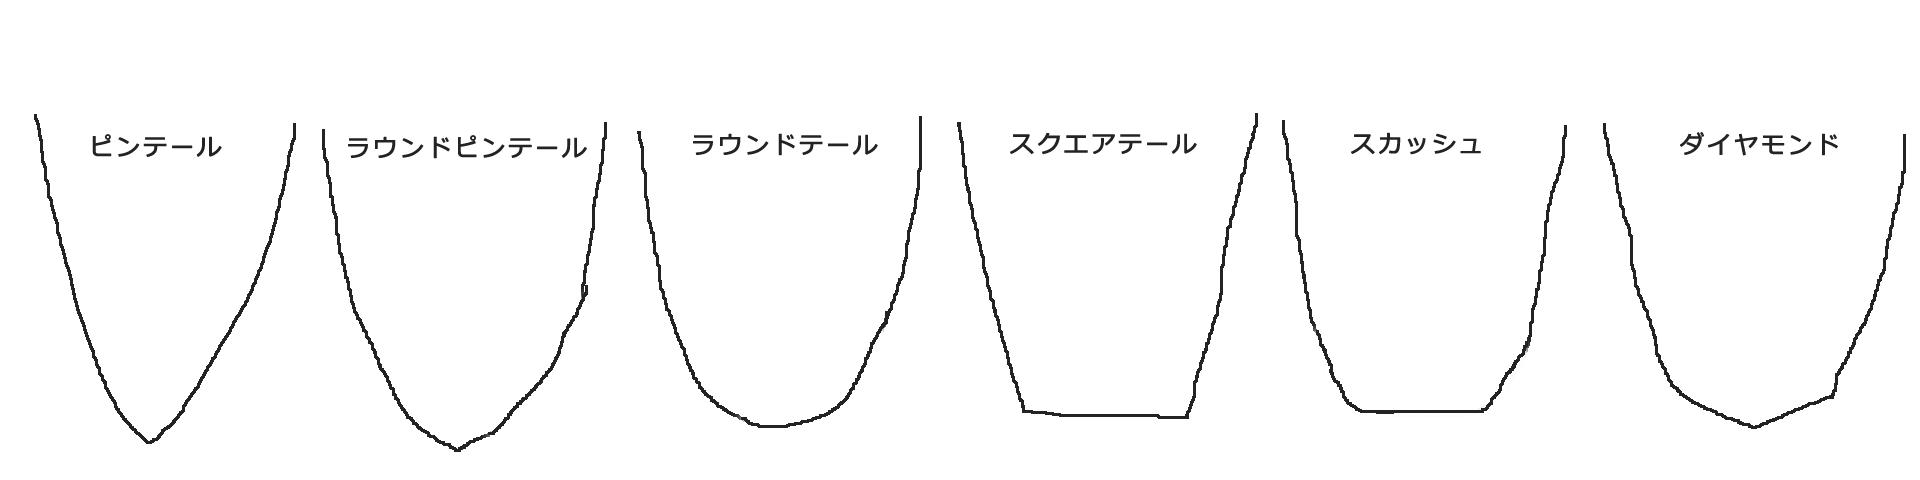 ロングボードのテールデザイン